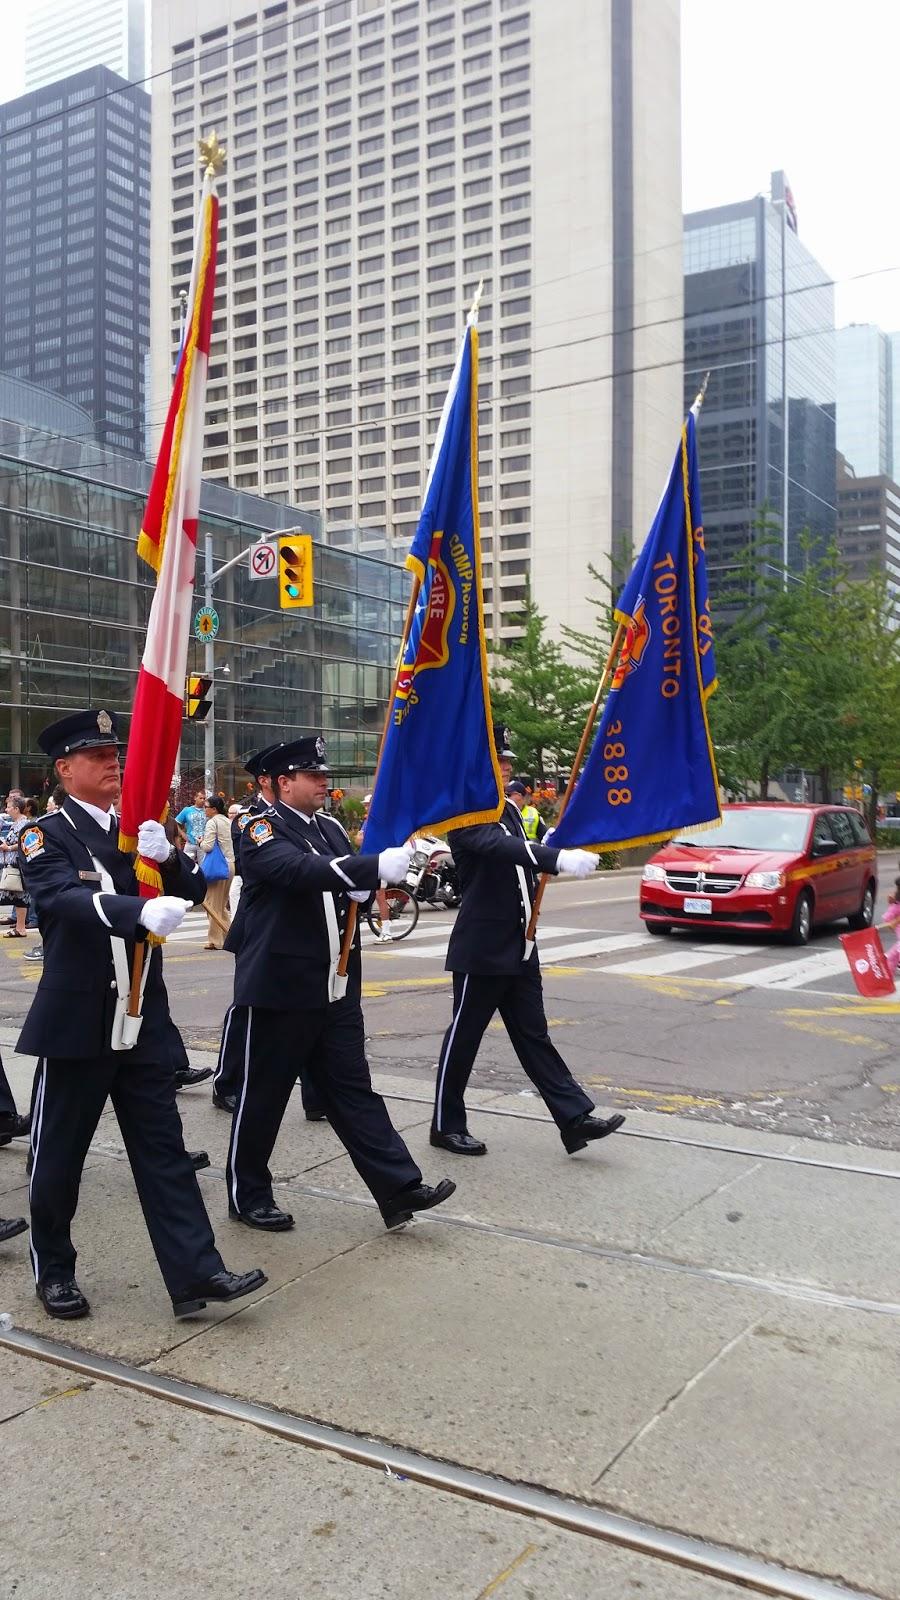 Toronto Fireman